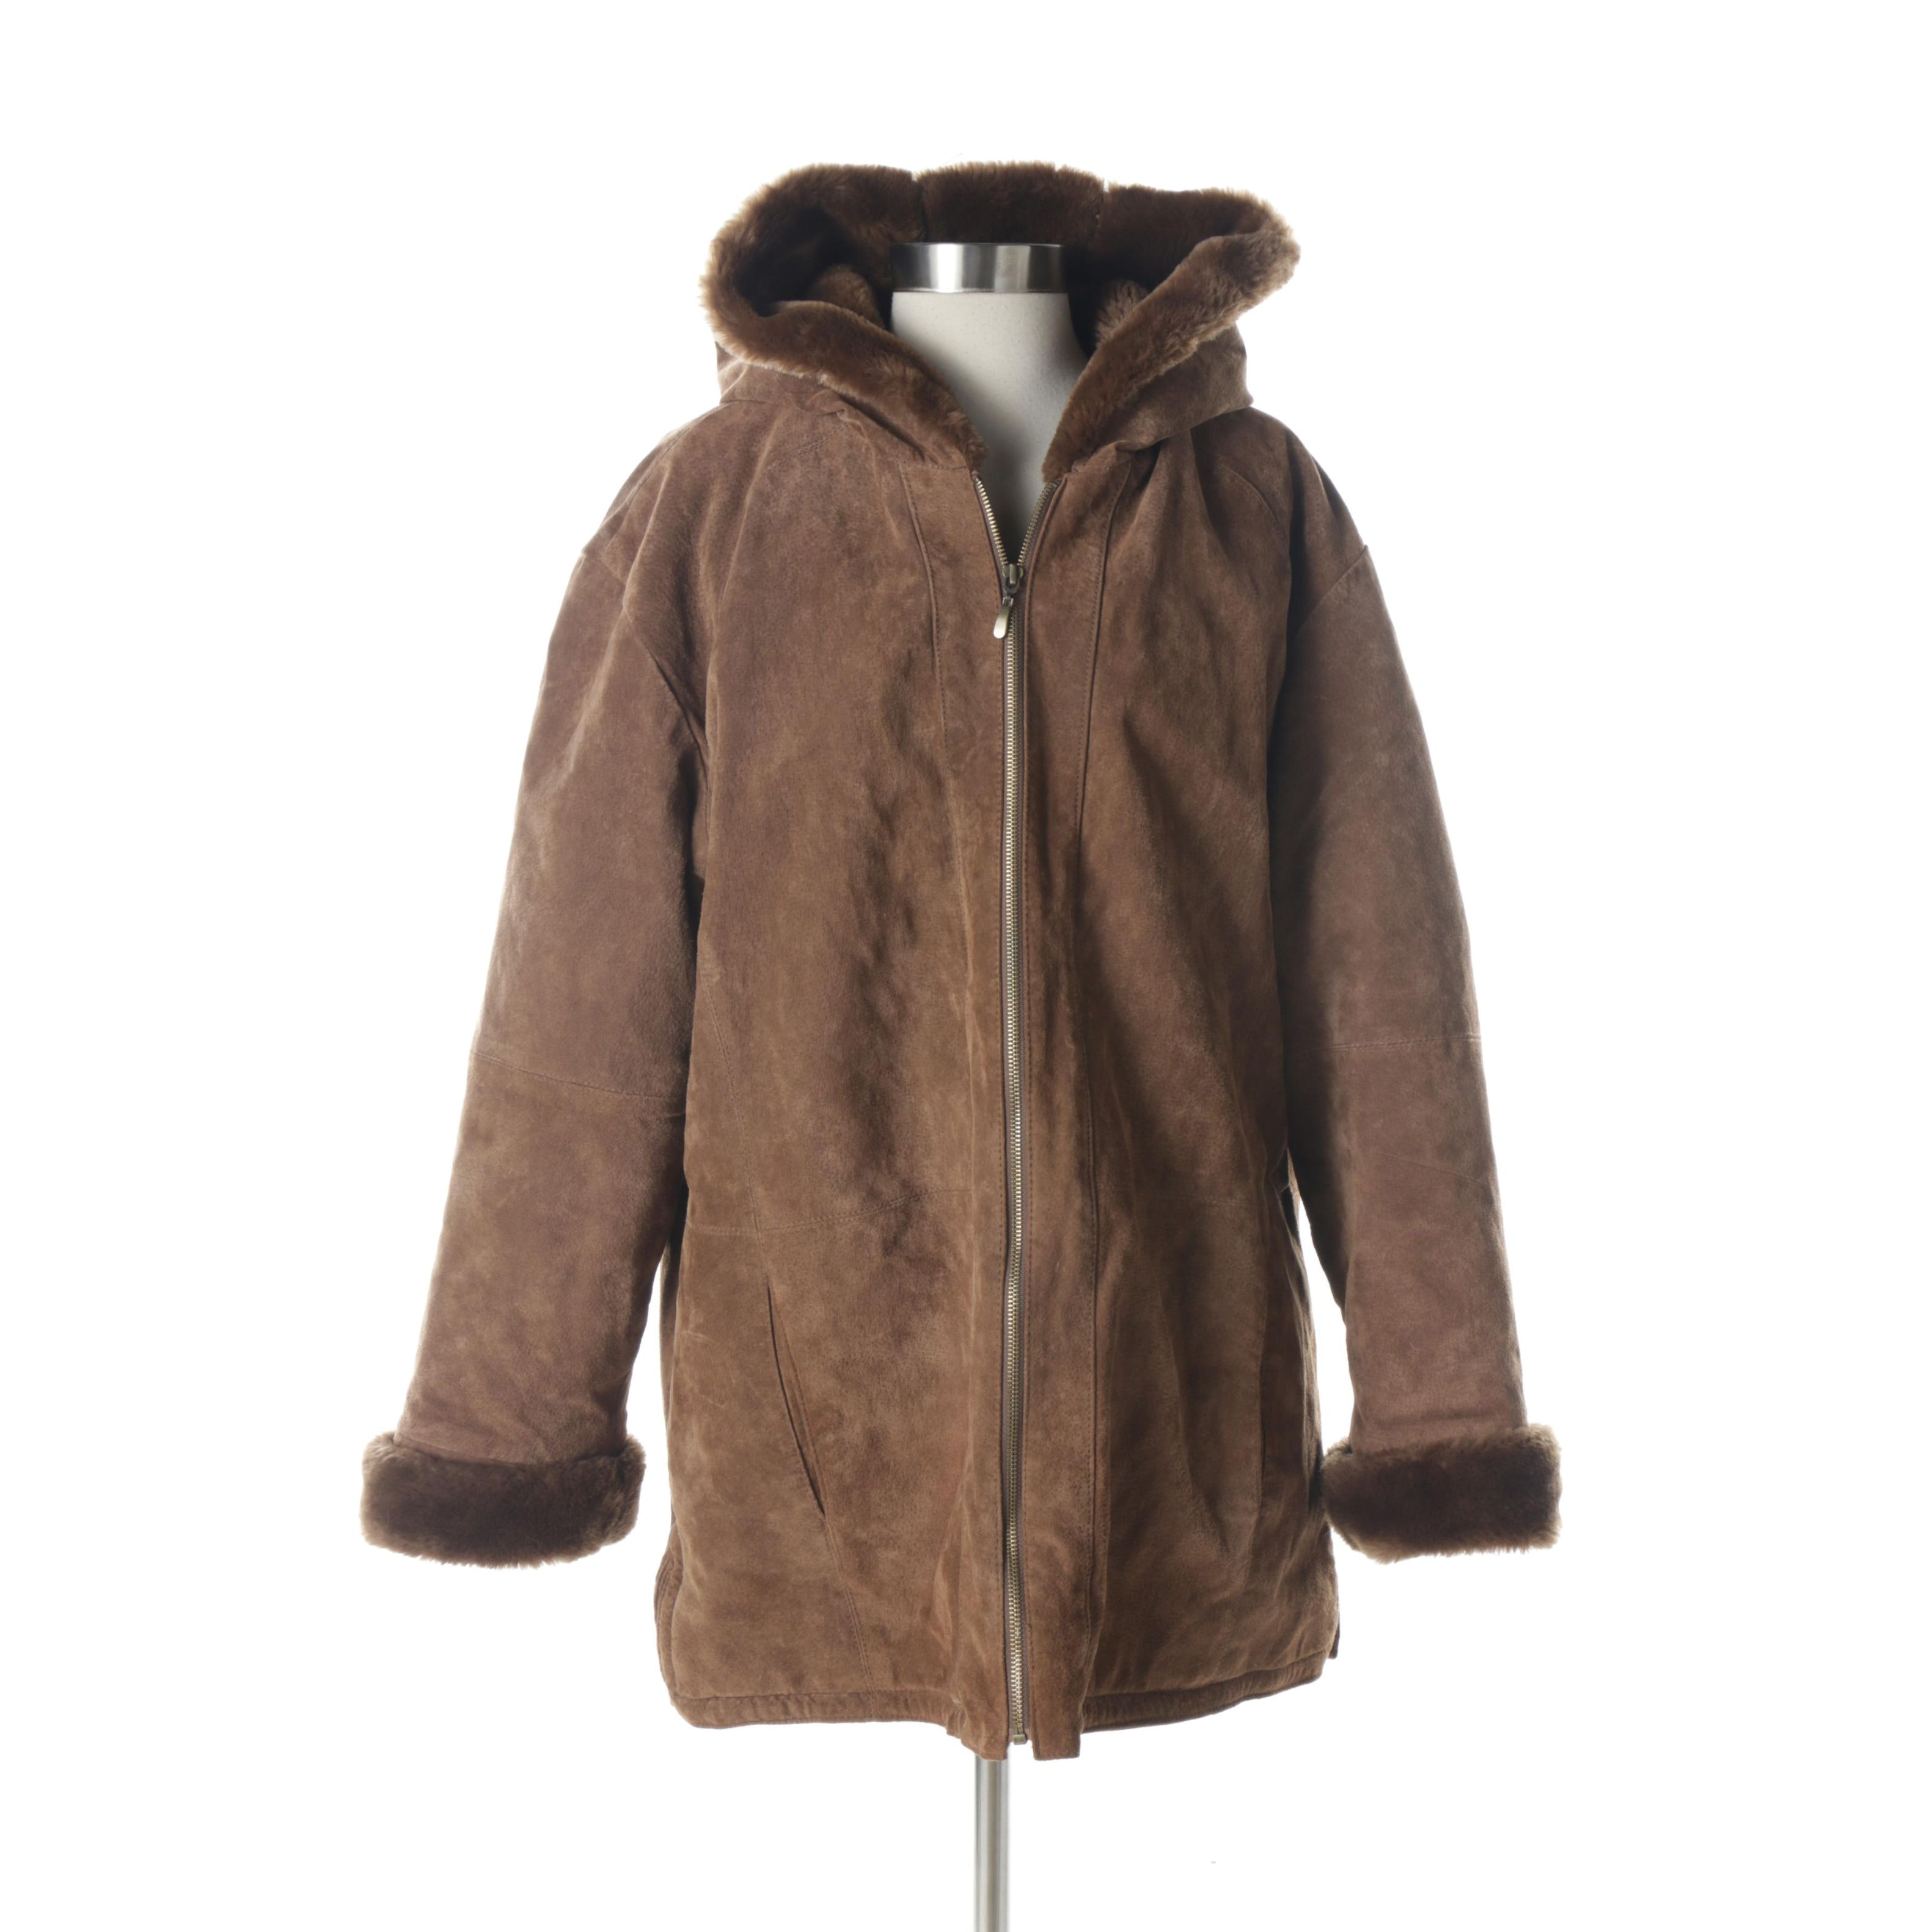 St. John's Bay Suede Coat